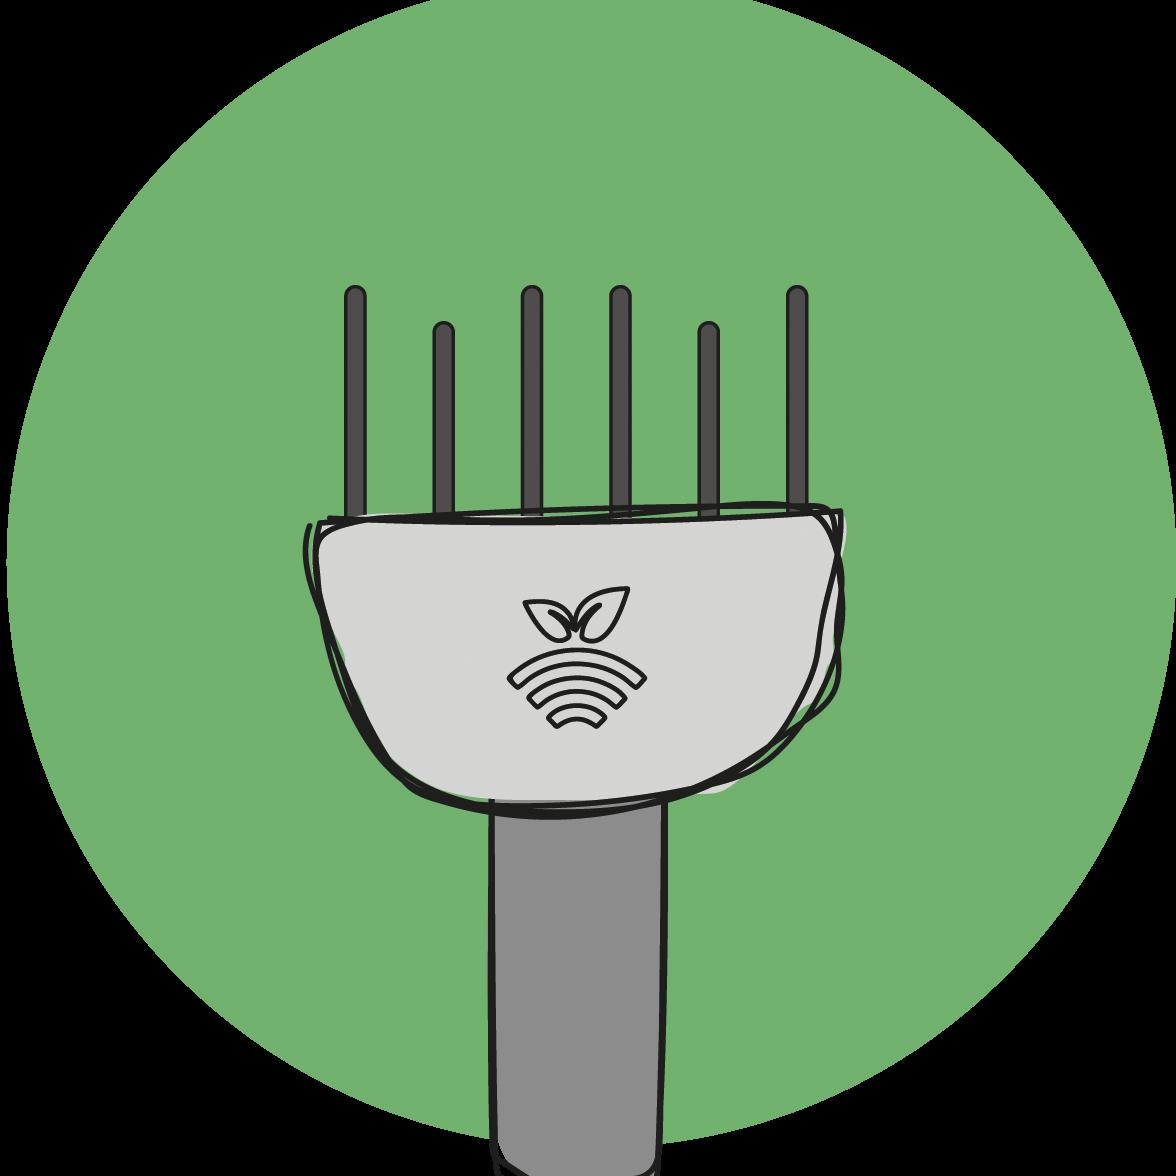 productos-pluviometro-icono